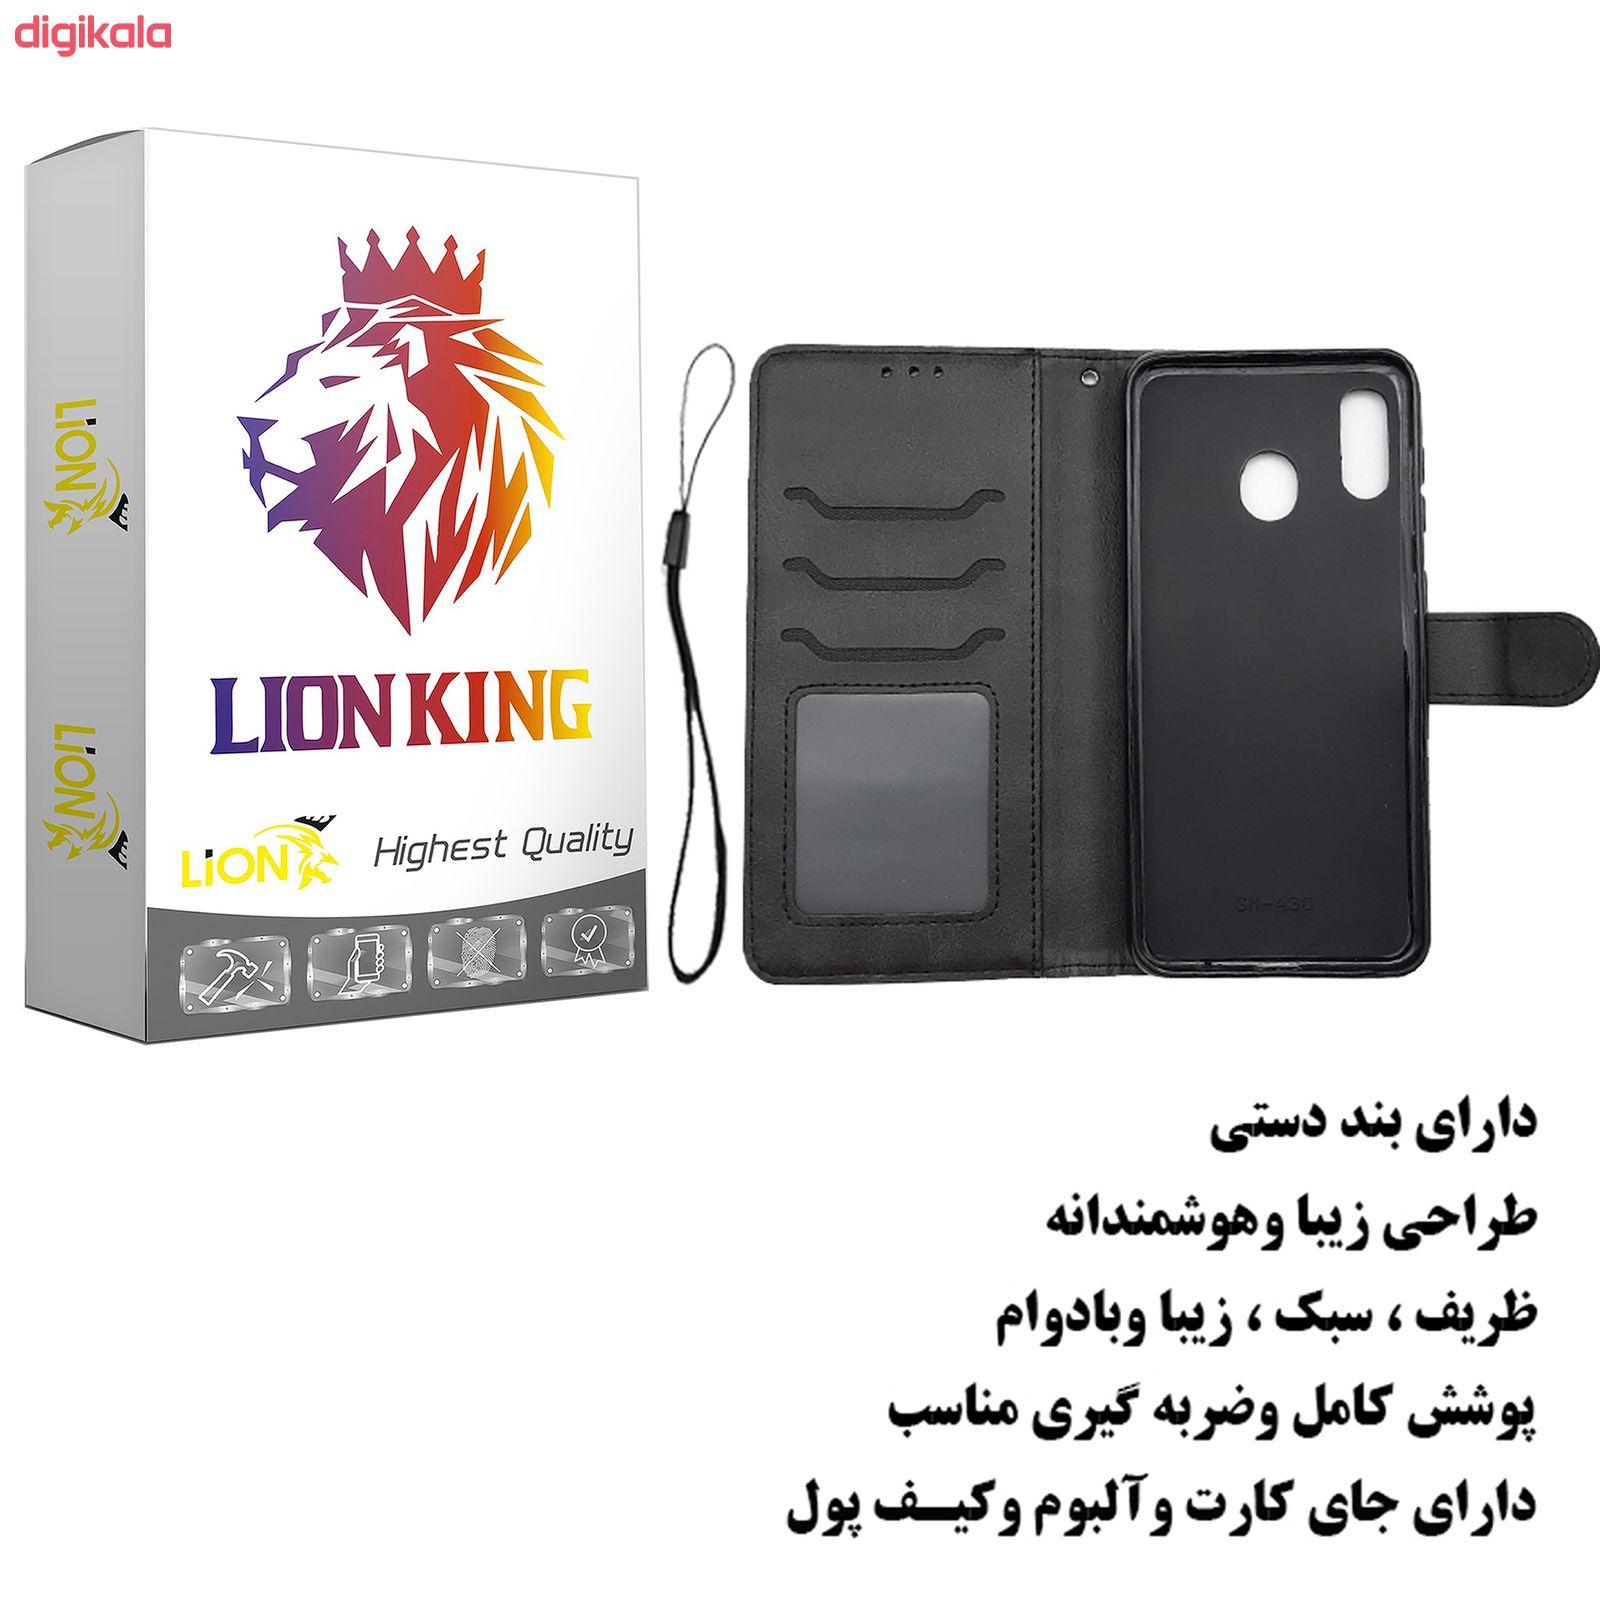 کیف کلاسوری لاین کینگ مدل K68 مناسب برای گوشی موبایل سامسونگ Galaxy A30  main 1 1